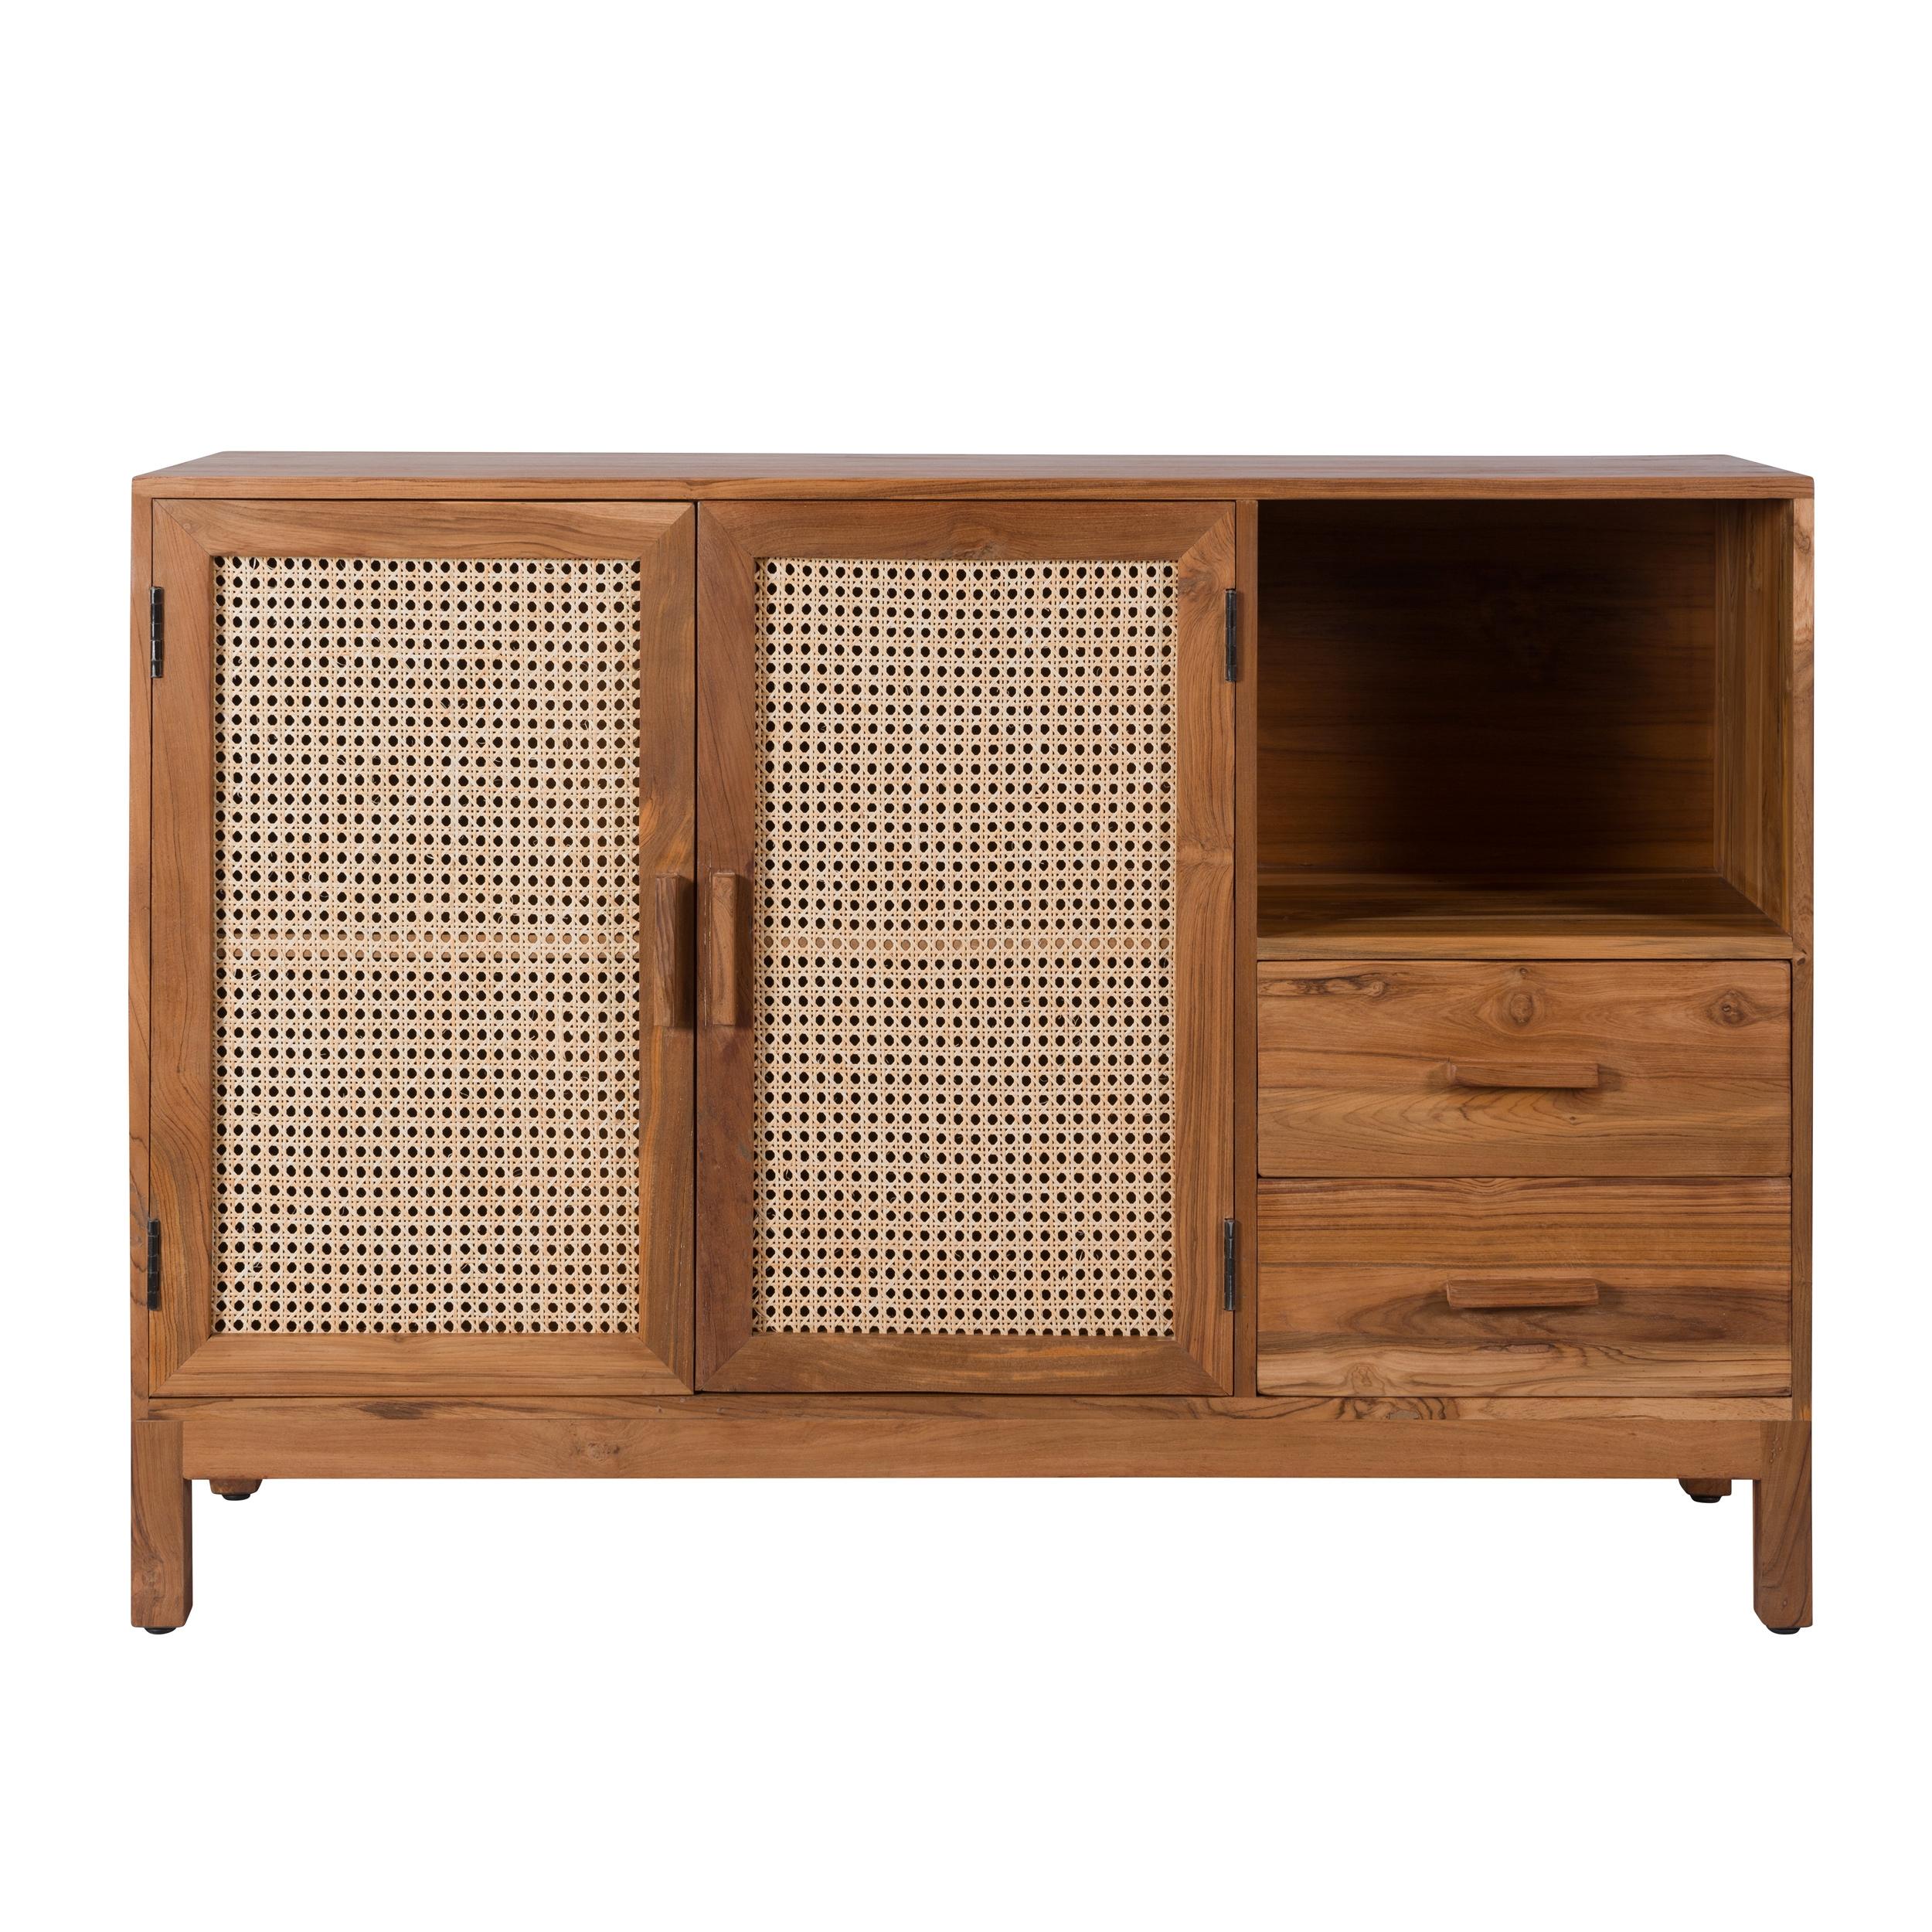 Buffet 2 portes 2 tiroirs 2 niches bois de teck et cannage